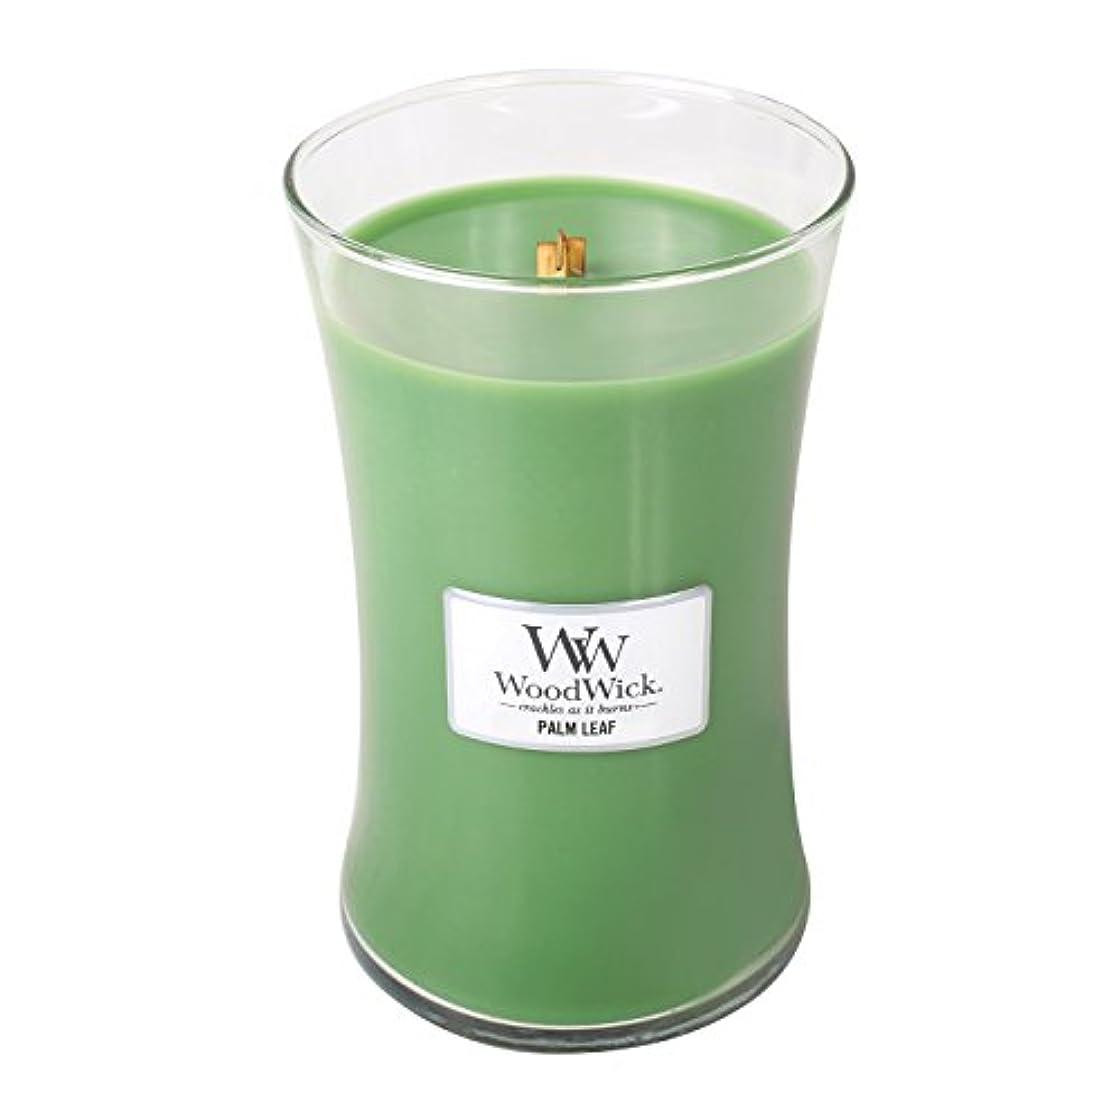 噛む戸口肥沃なWoodWick PALM LEAF, Highly Scented Candle, Classic Hourglass Jar, Large 18cm, 640ml